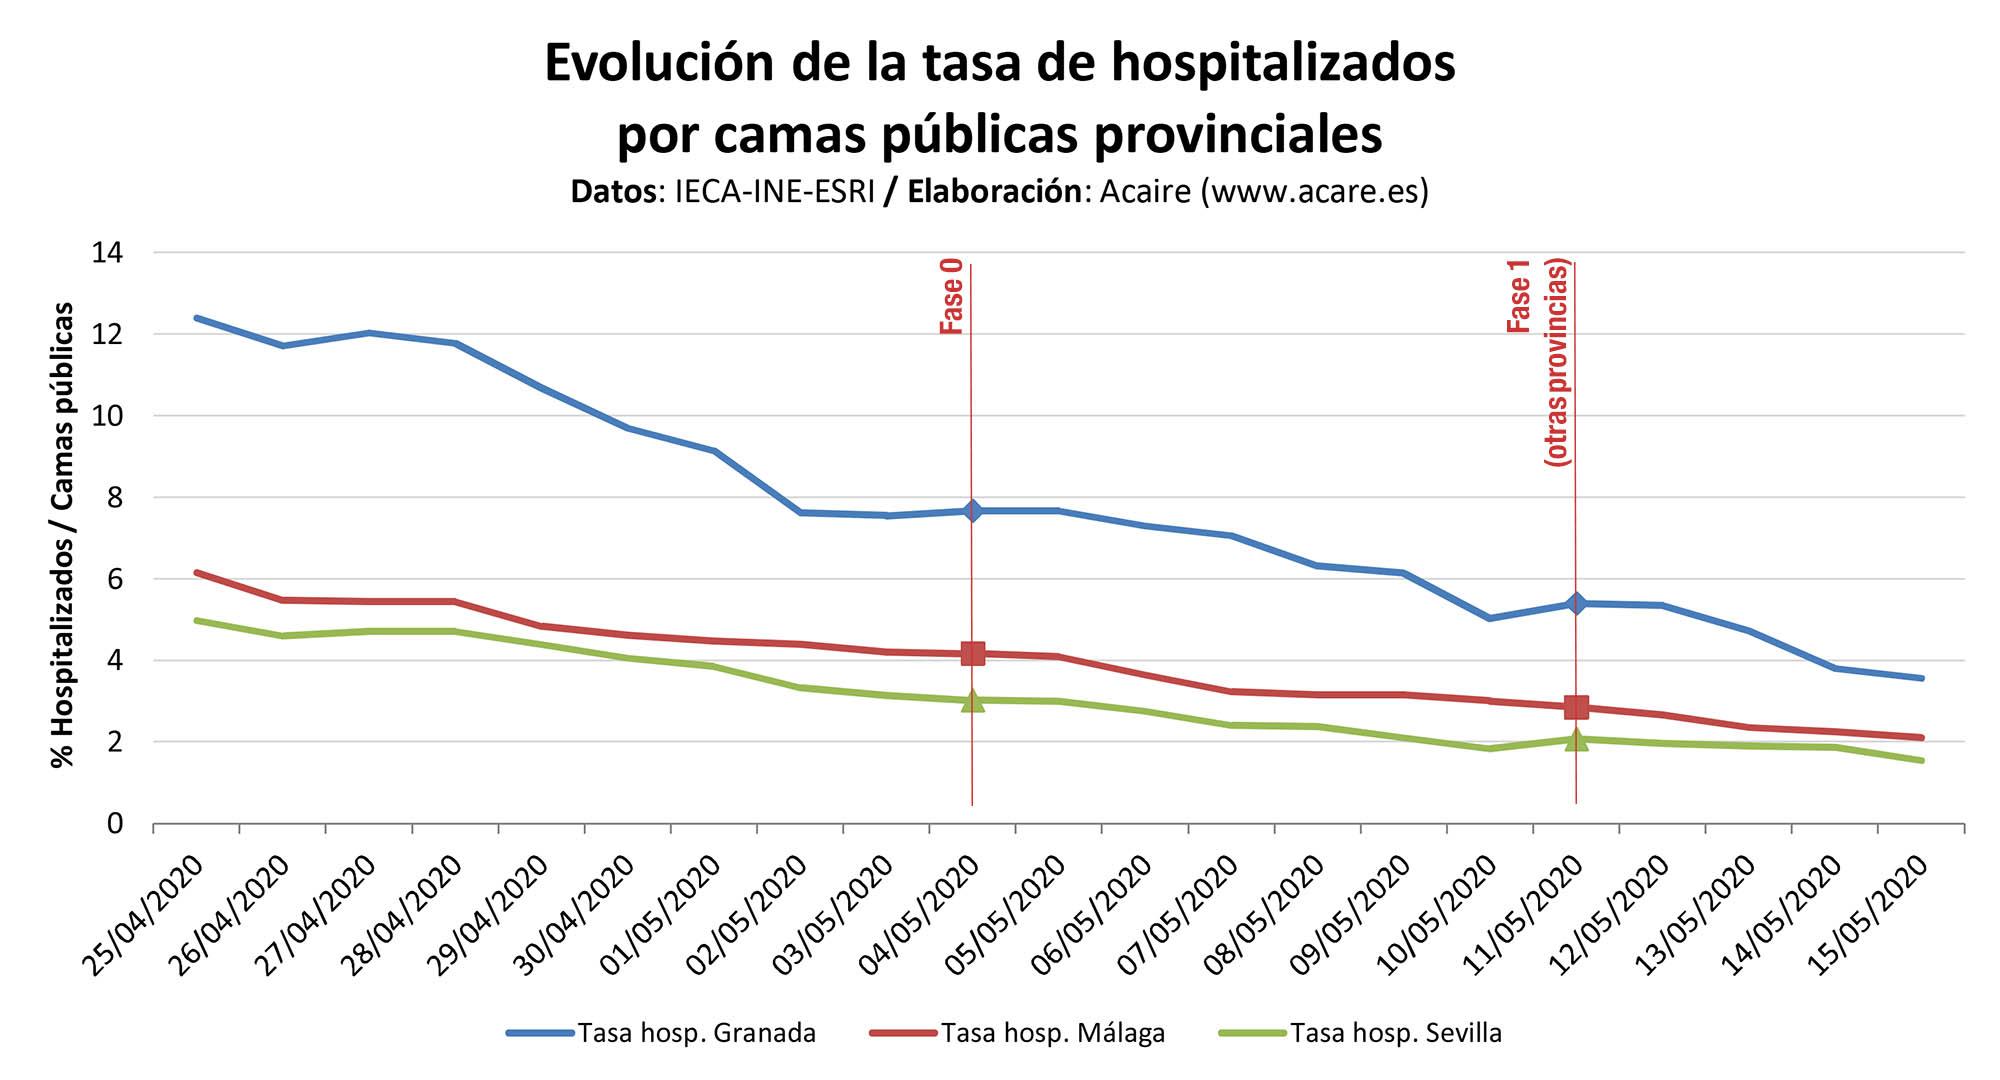 Tasa de hospitalizados y UCI por población